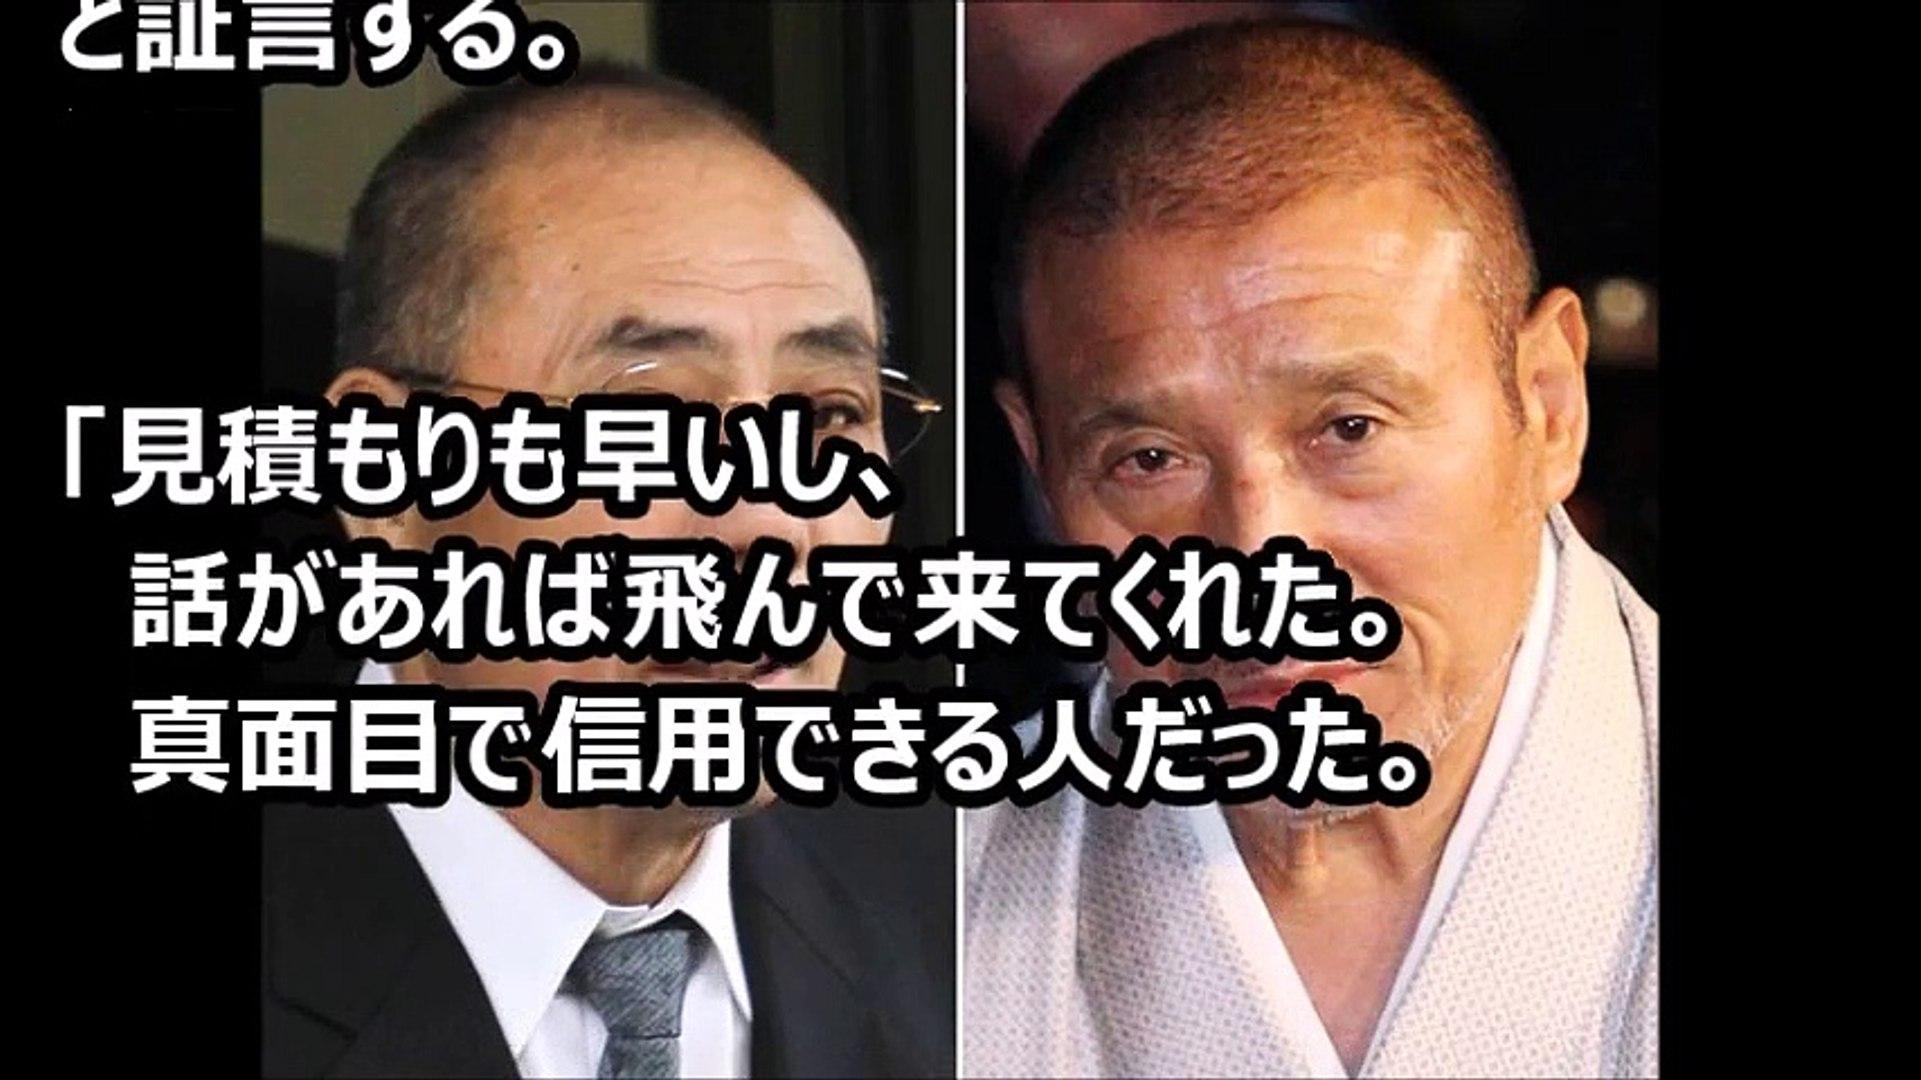 殺人 リンチ 大阪 事件 連続